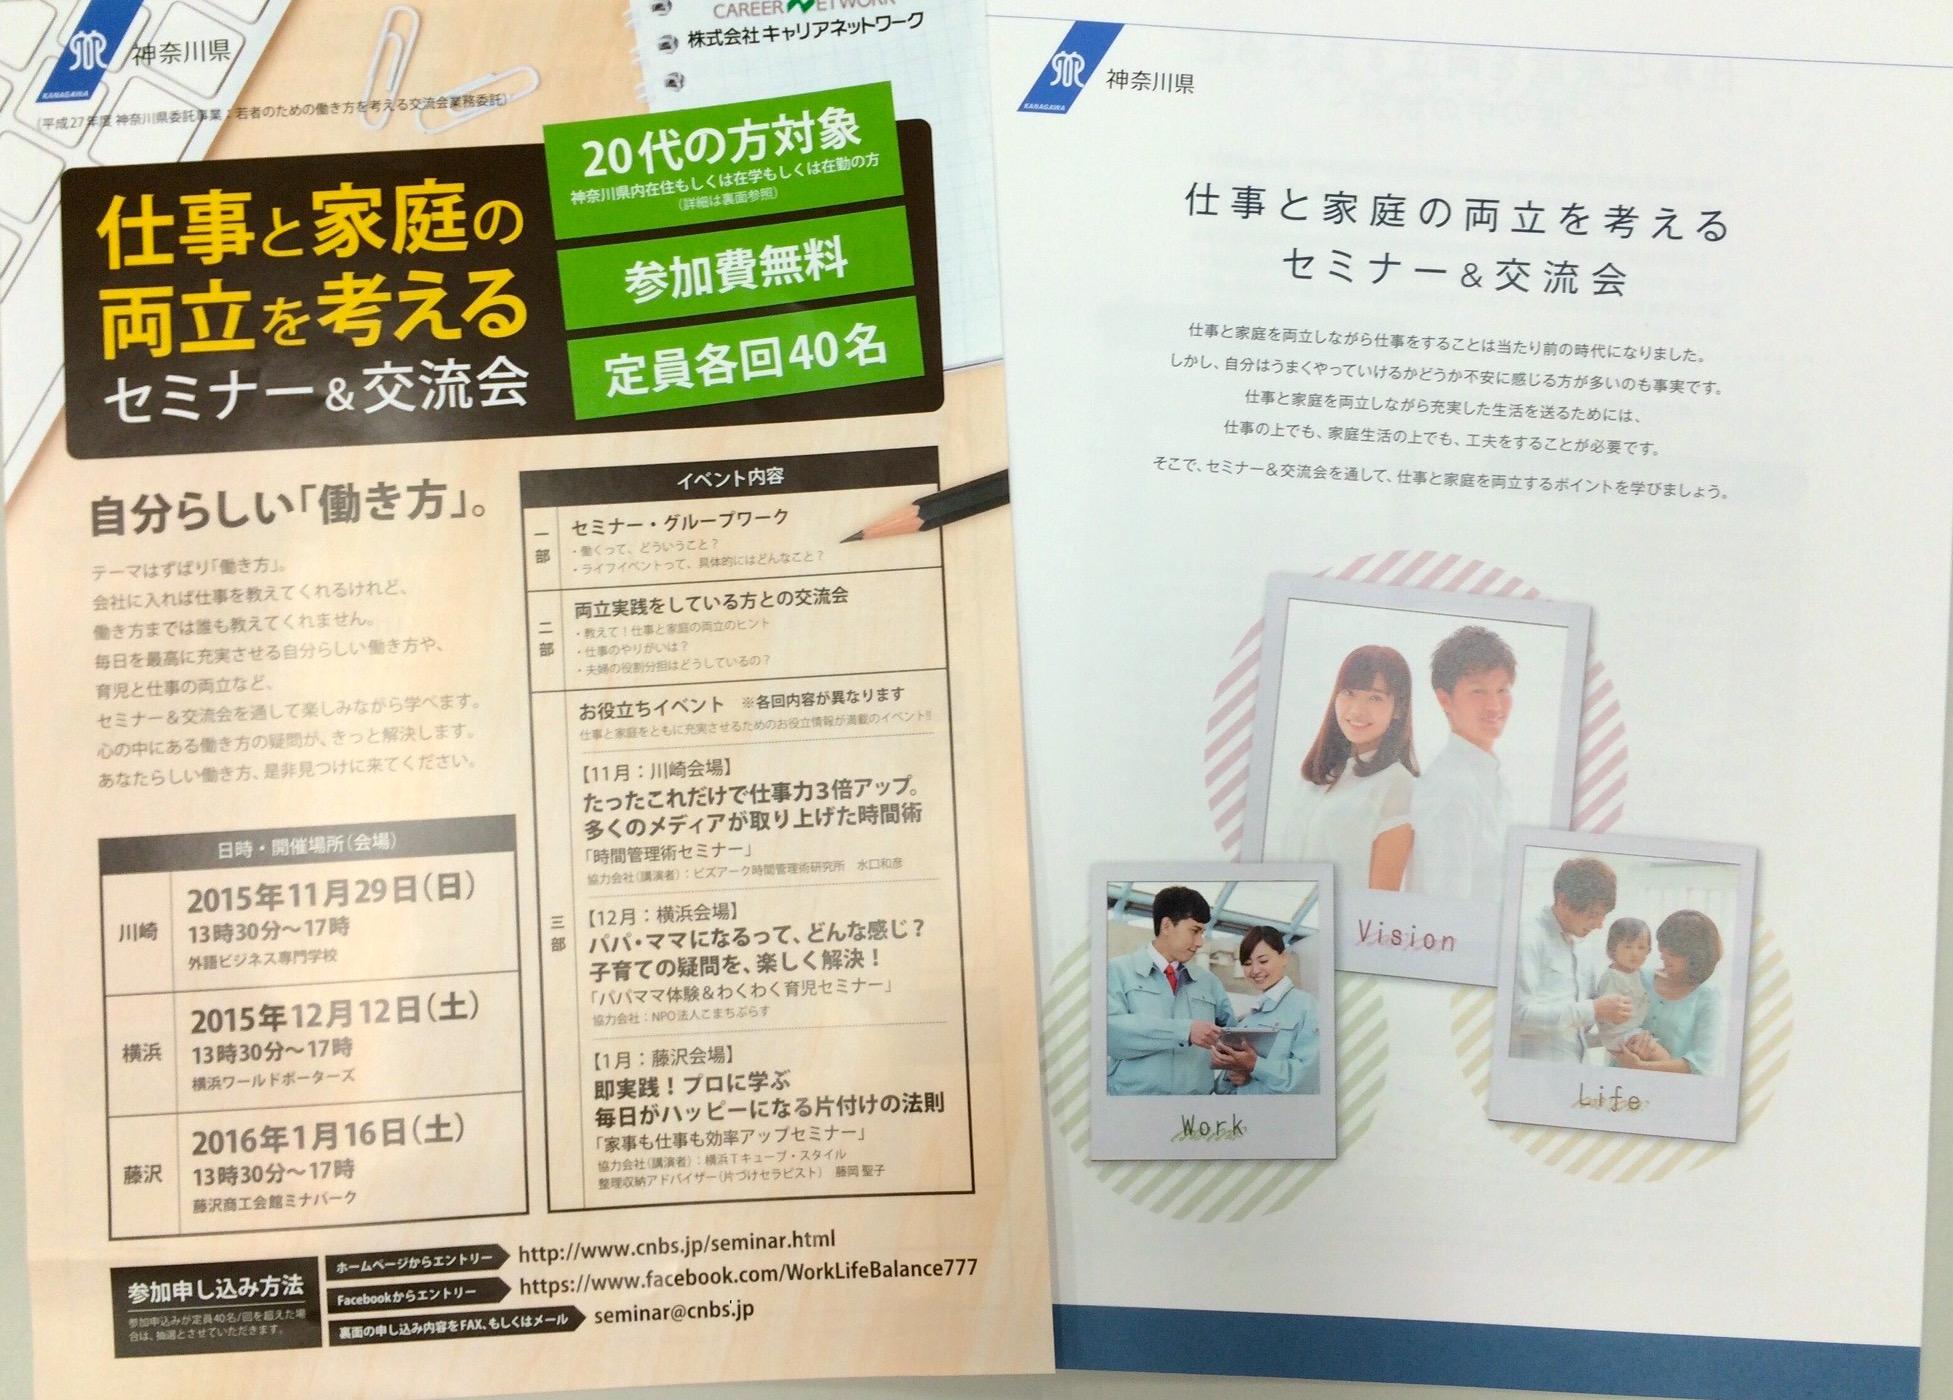 20代の中心で結婚と子育てを考える〜神奈川県「仕事と家庭の両立」セミナーツアー初日川崎